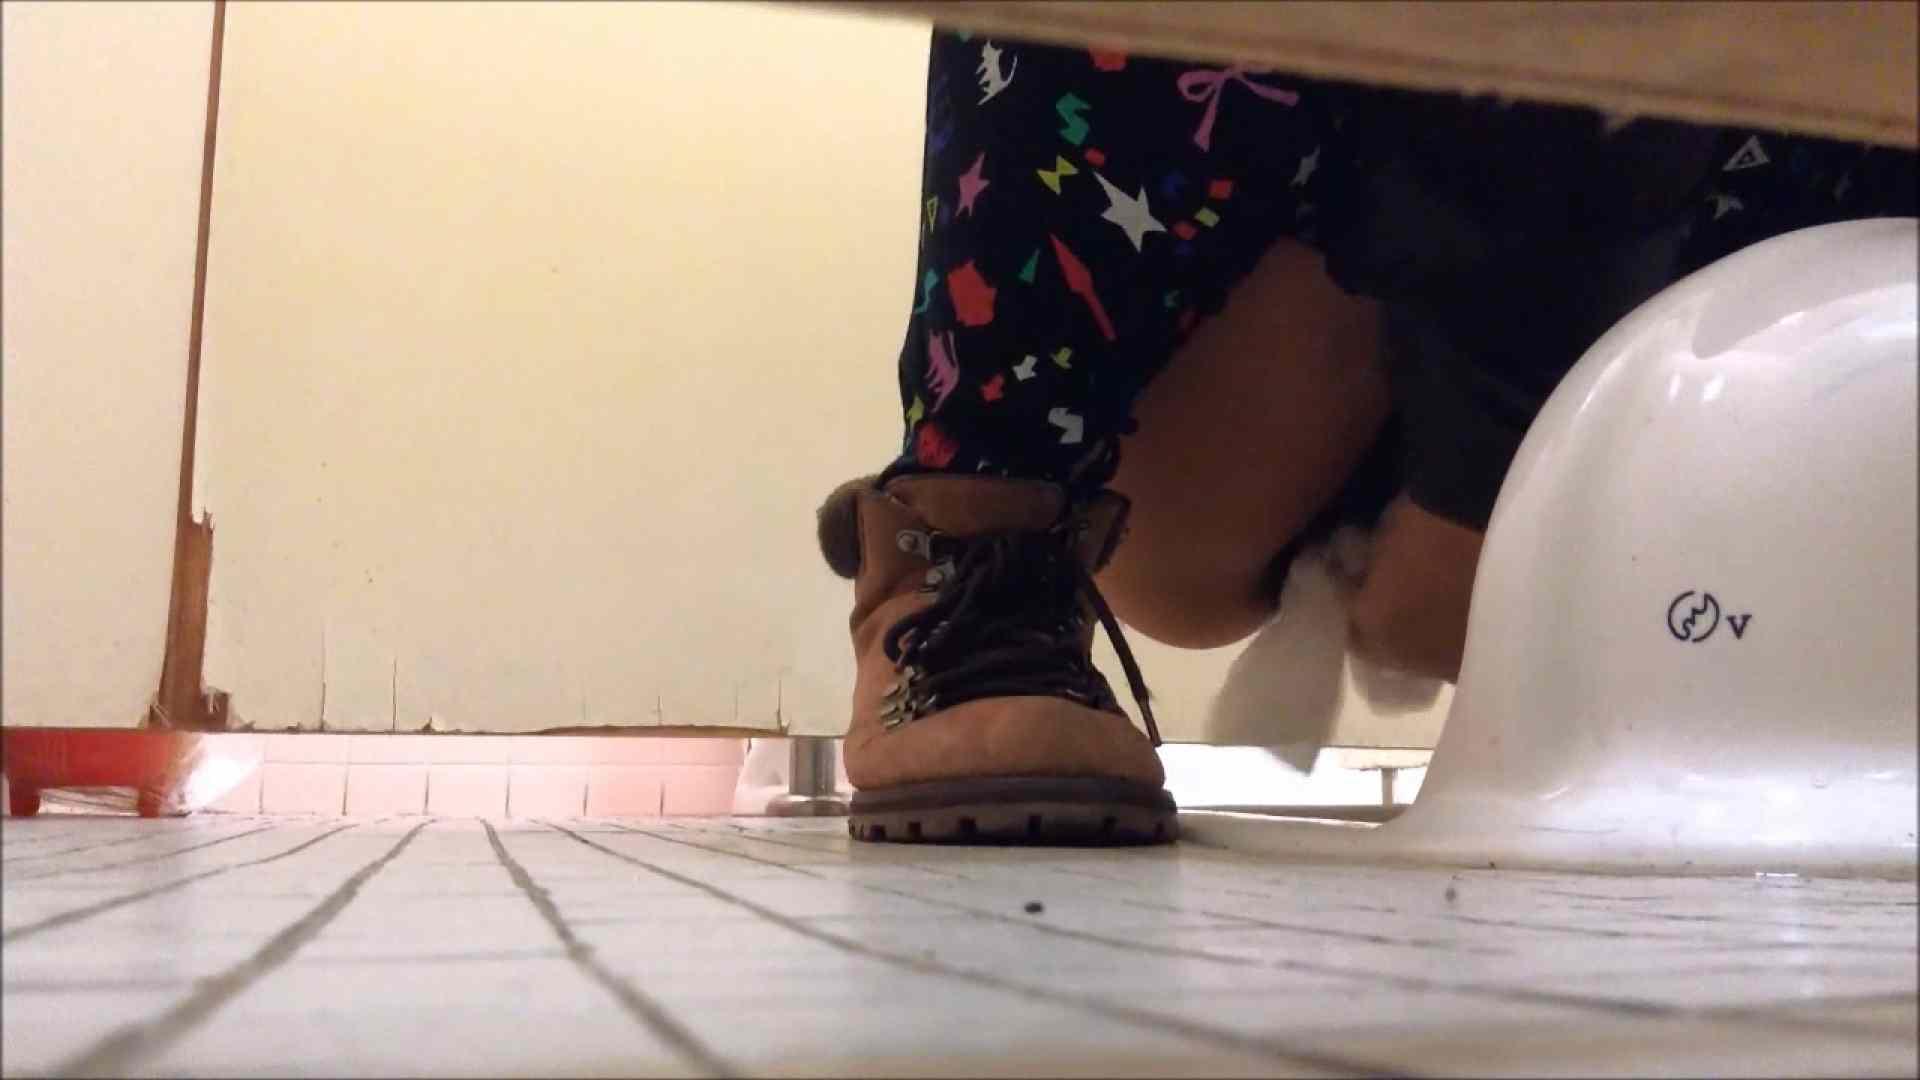 某有名大学女性洗面所 vol.07 洗面所 | 和式  64pic 45